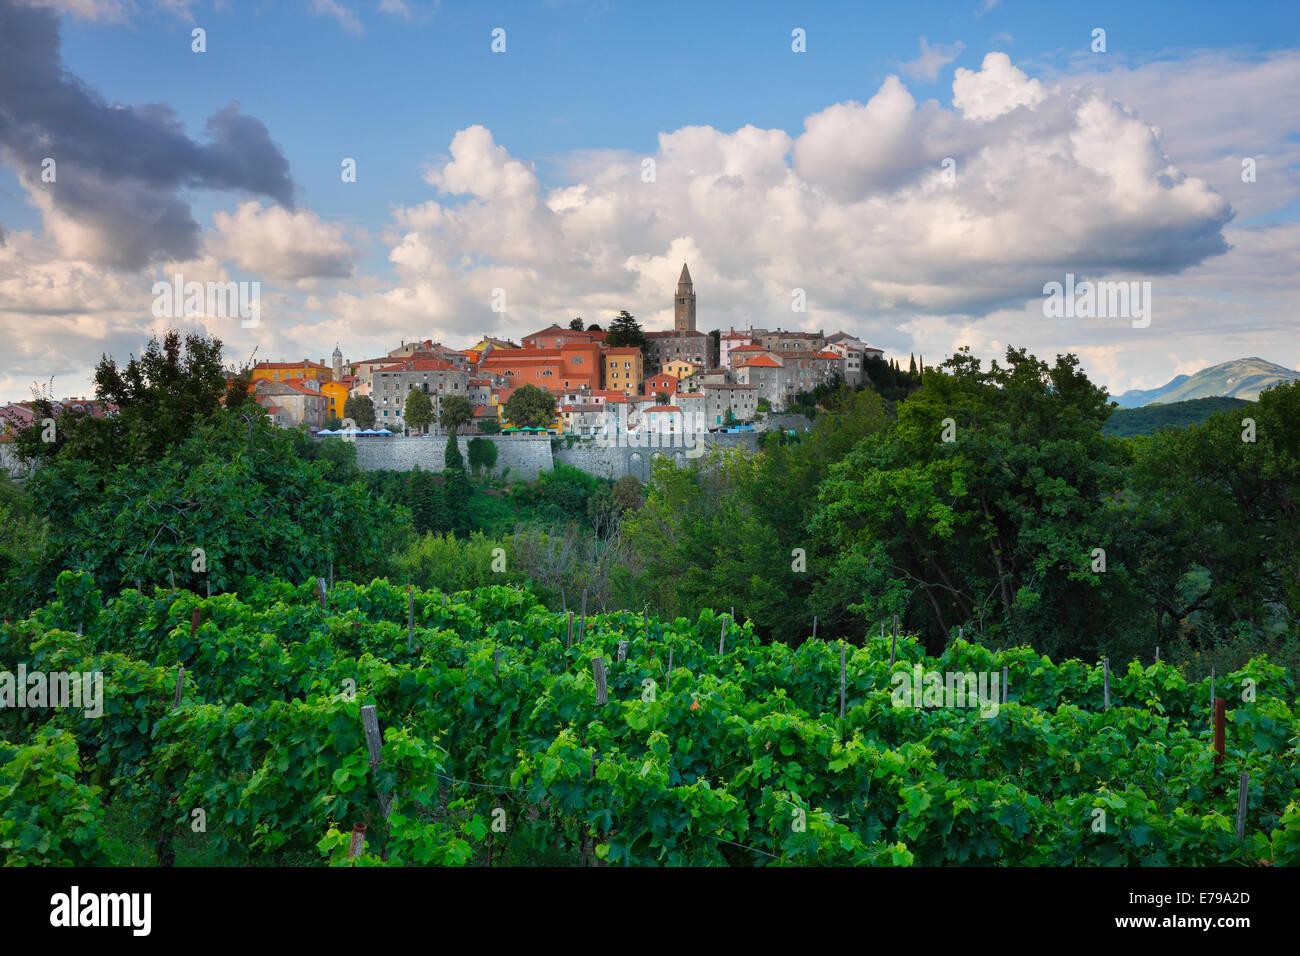 Labin città vecchia sulla collina in Istria, Croazia Immagini Stock